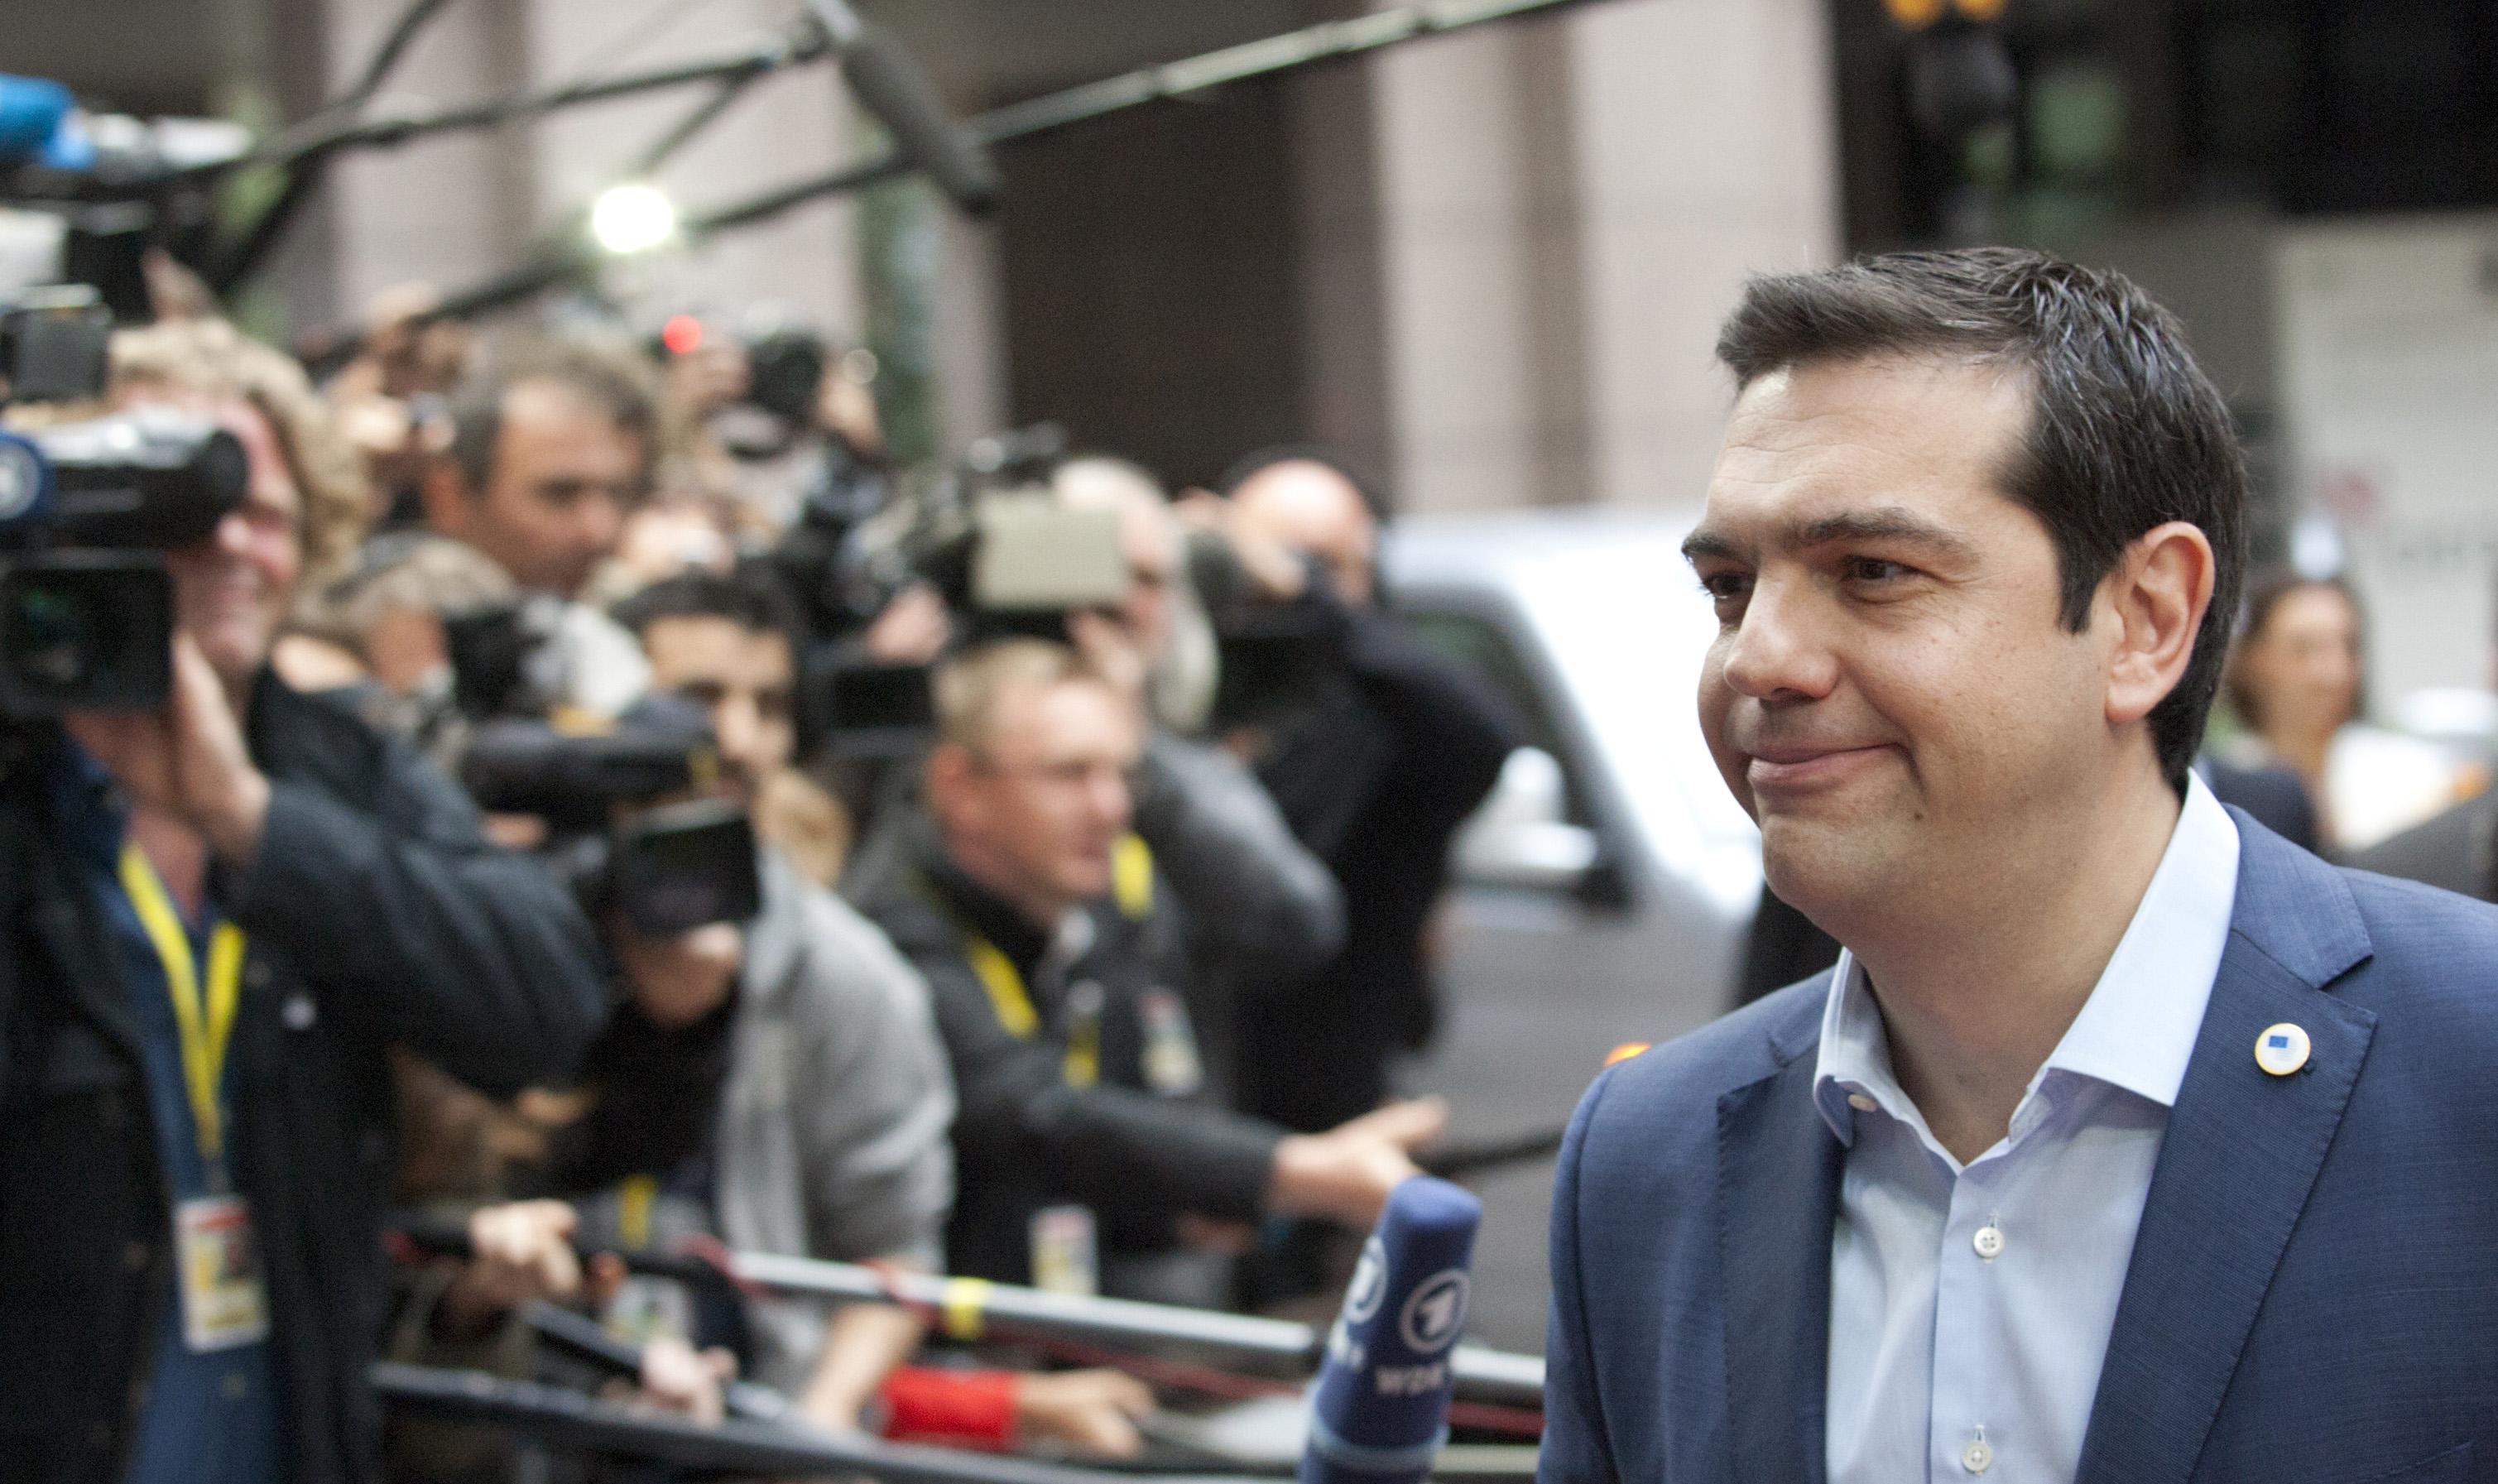 """Acordo permitirá """"à Grécia manter-se de pé"""", disse o primeiro-ministro grego Alexis Tsipras."""